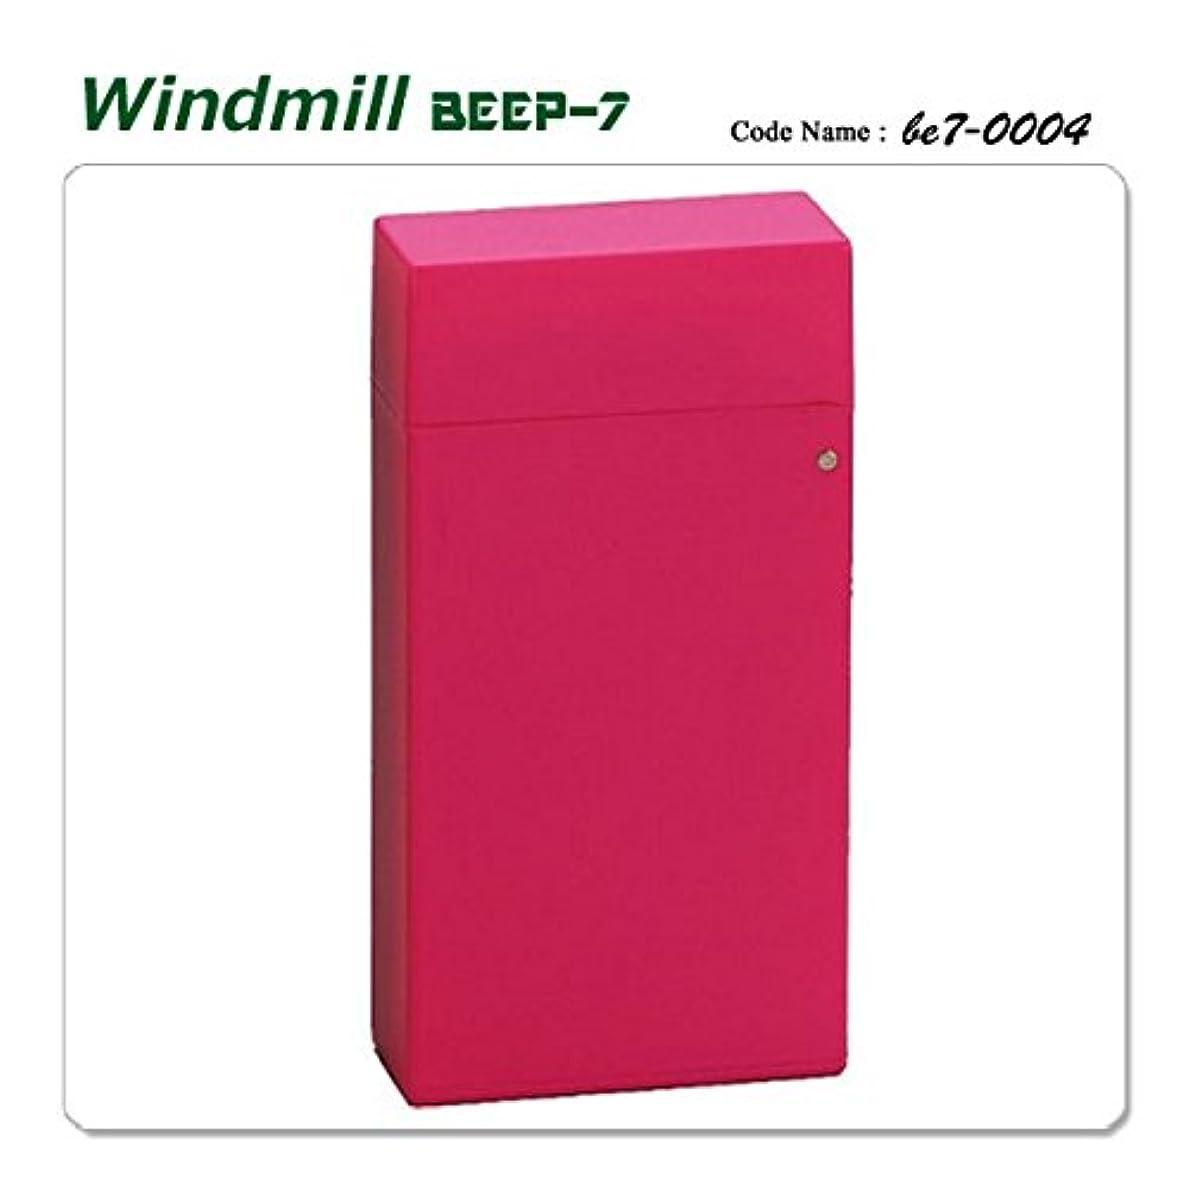 起きて残忍な不規則性Windmill ウインドミル 内燃式ターボライター ガスライター BEEP7 0004 ビープ7 ピンク be7-0004